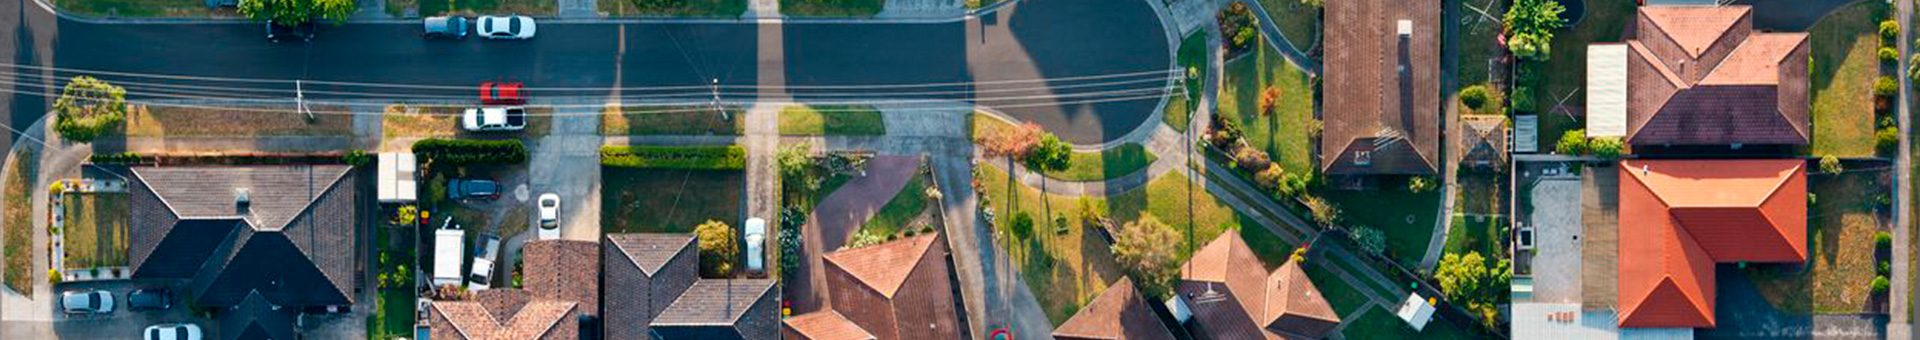 comunidad-propietarios-chalets-casas